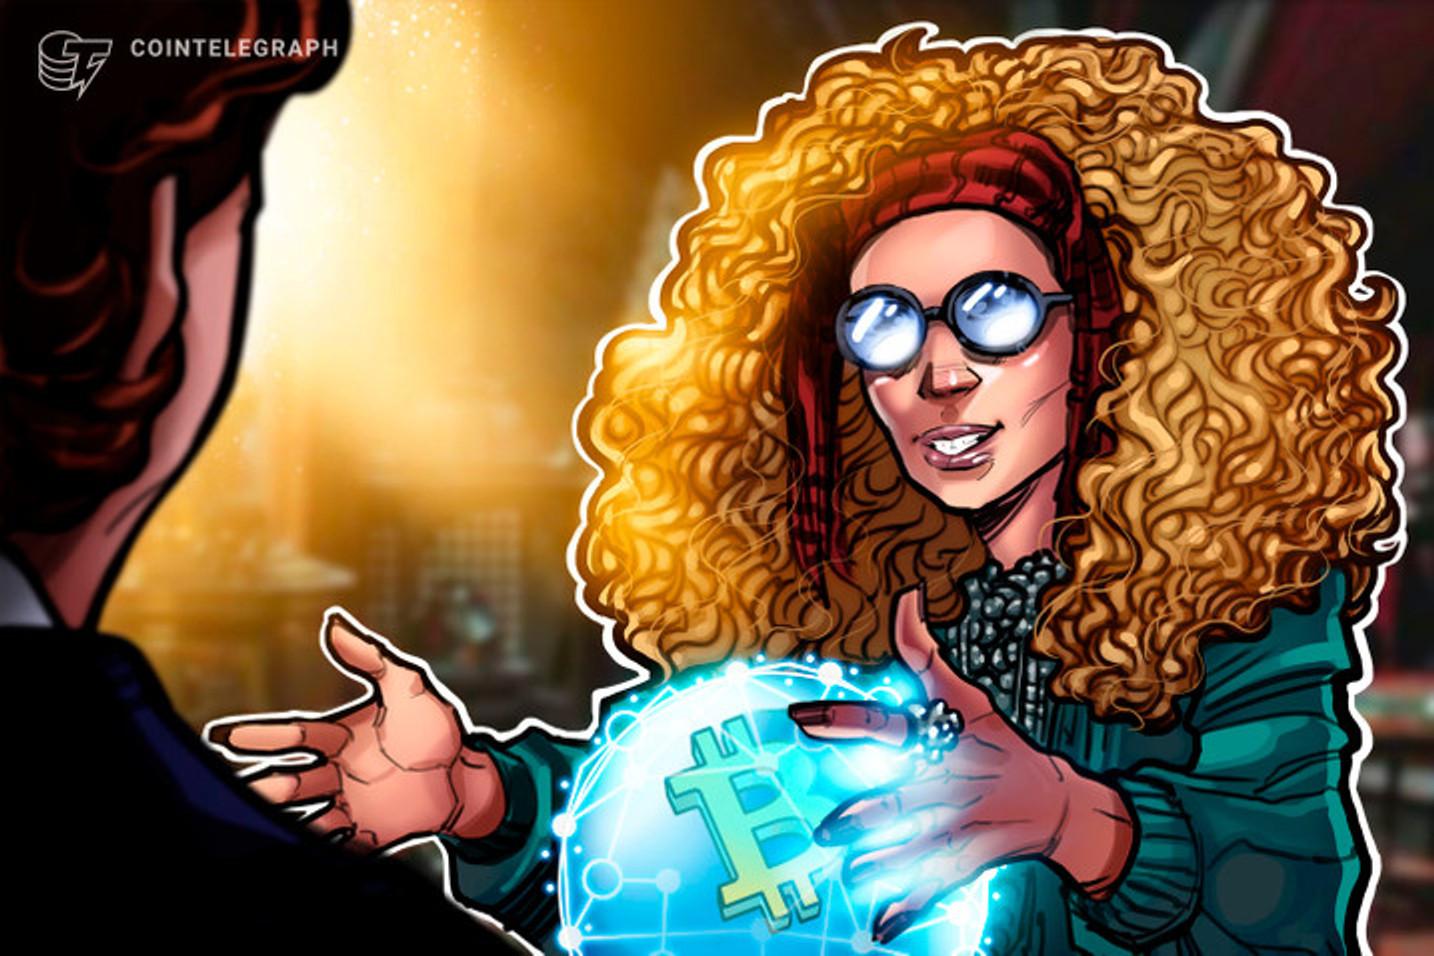 Bitcoin chegará a US$ 50 mil em 2021, segundo famosa lista de previsões de Scott Galloway